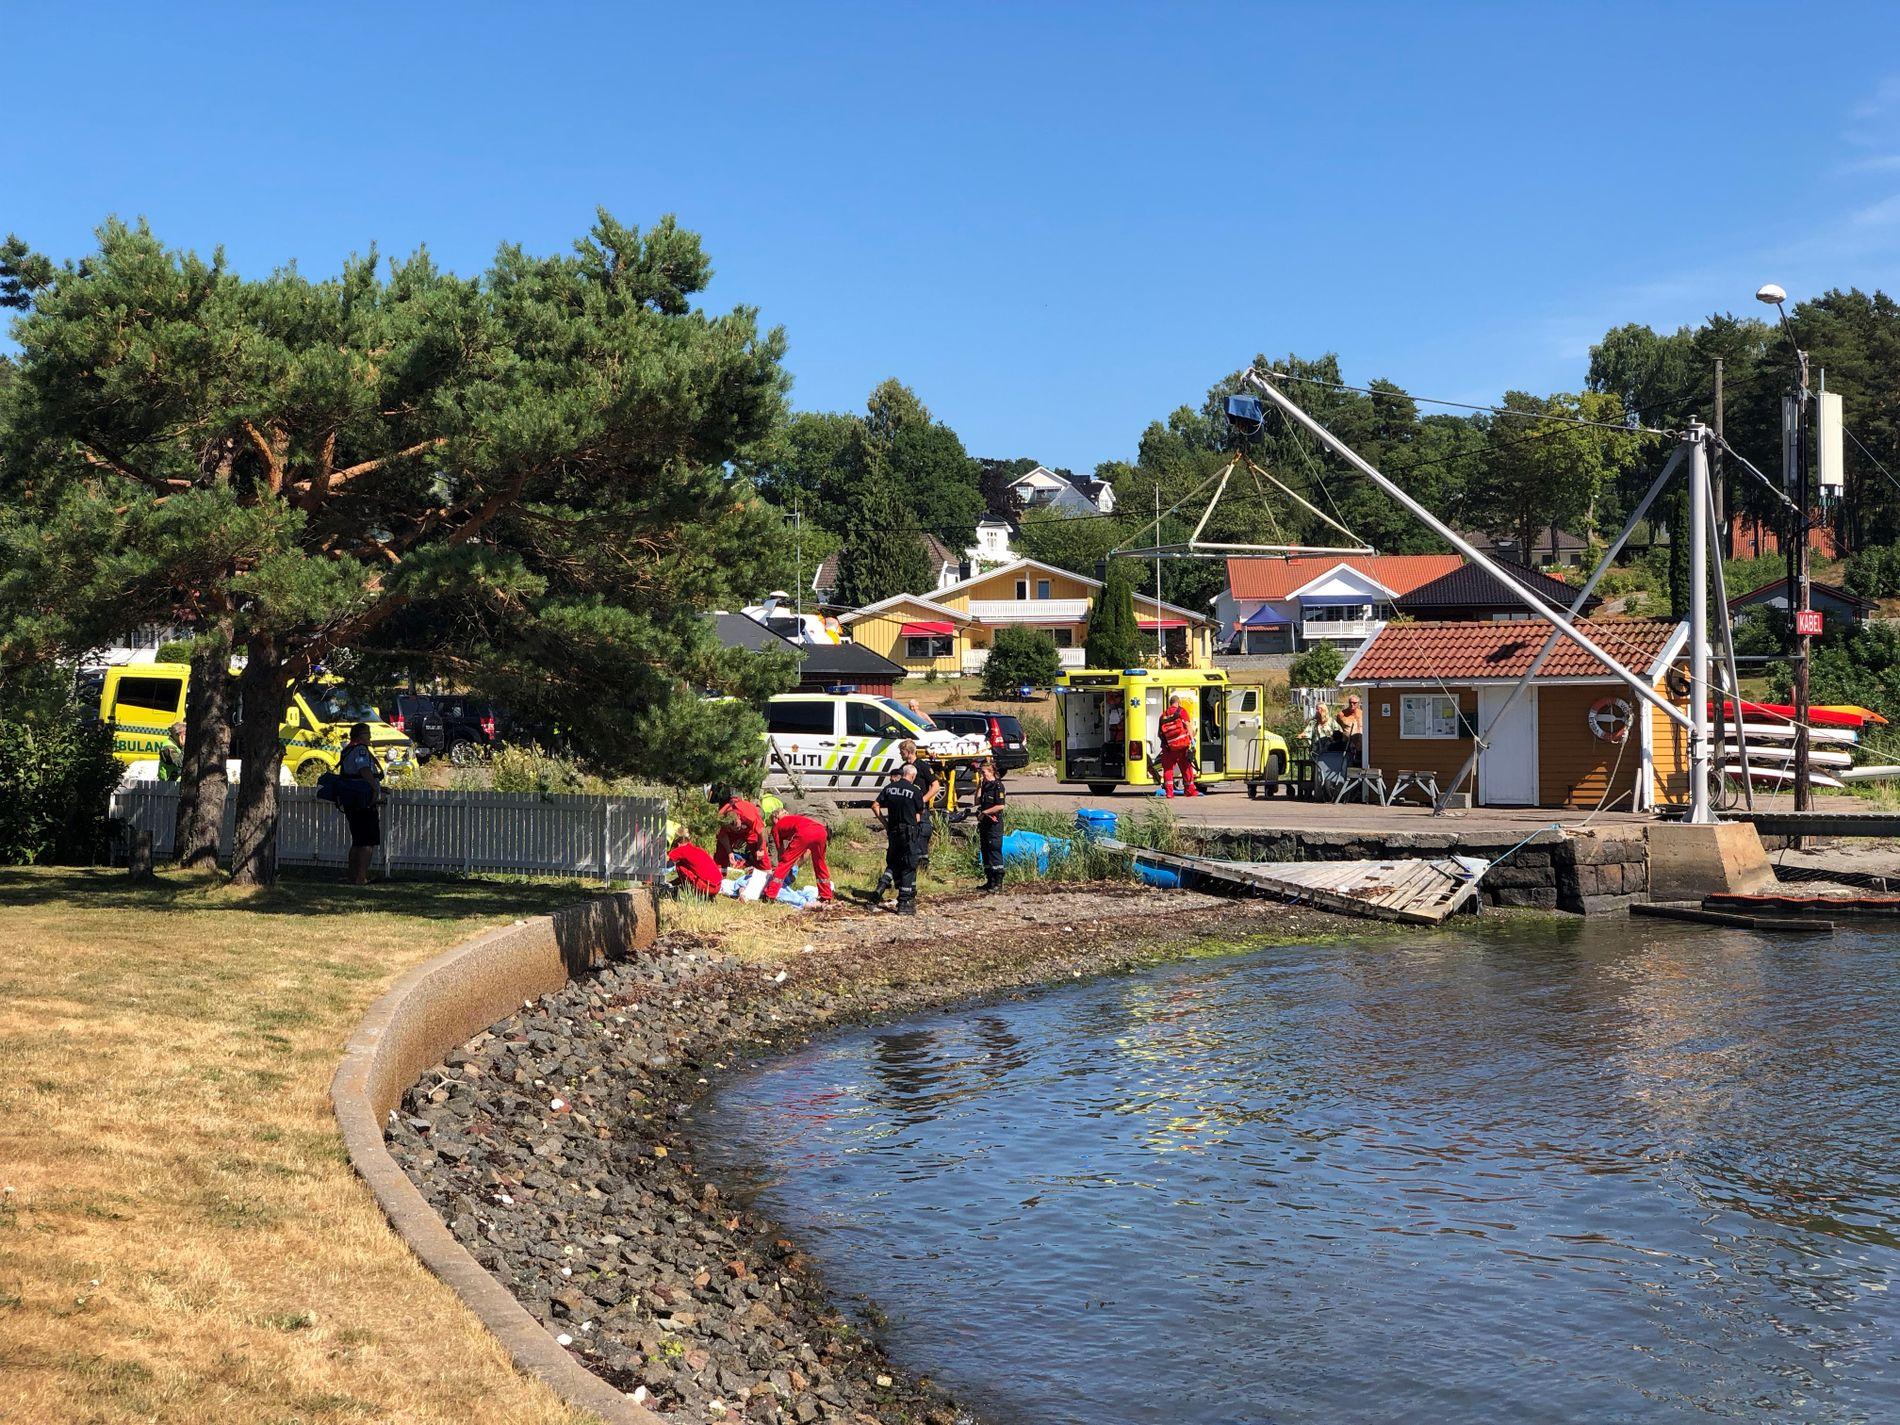 PÅ BADEPLASS: Politi og ambulanse er på stedet etter drukningsulykken på Nøtterøy.